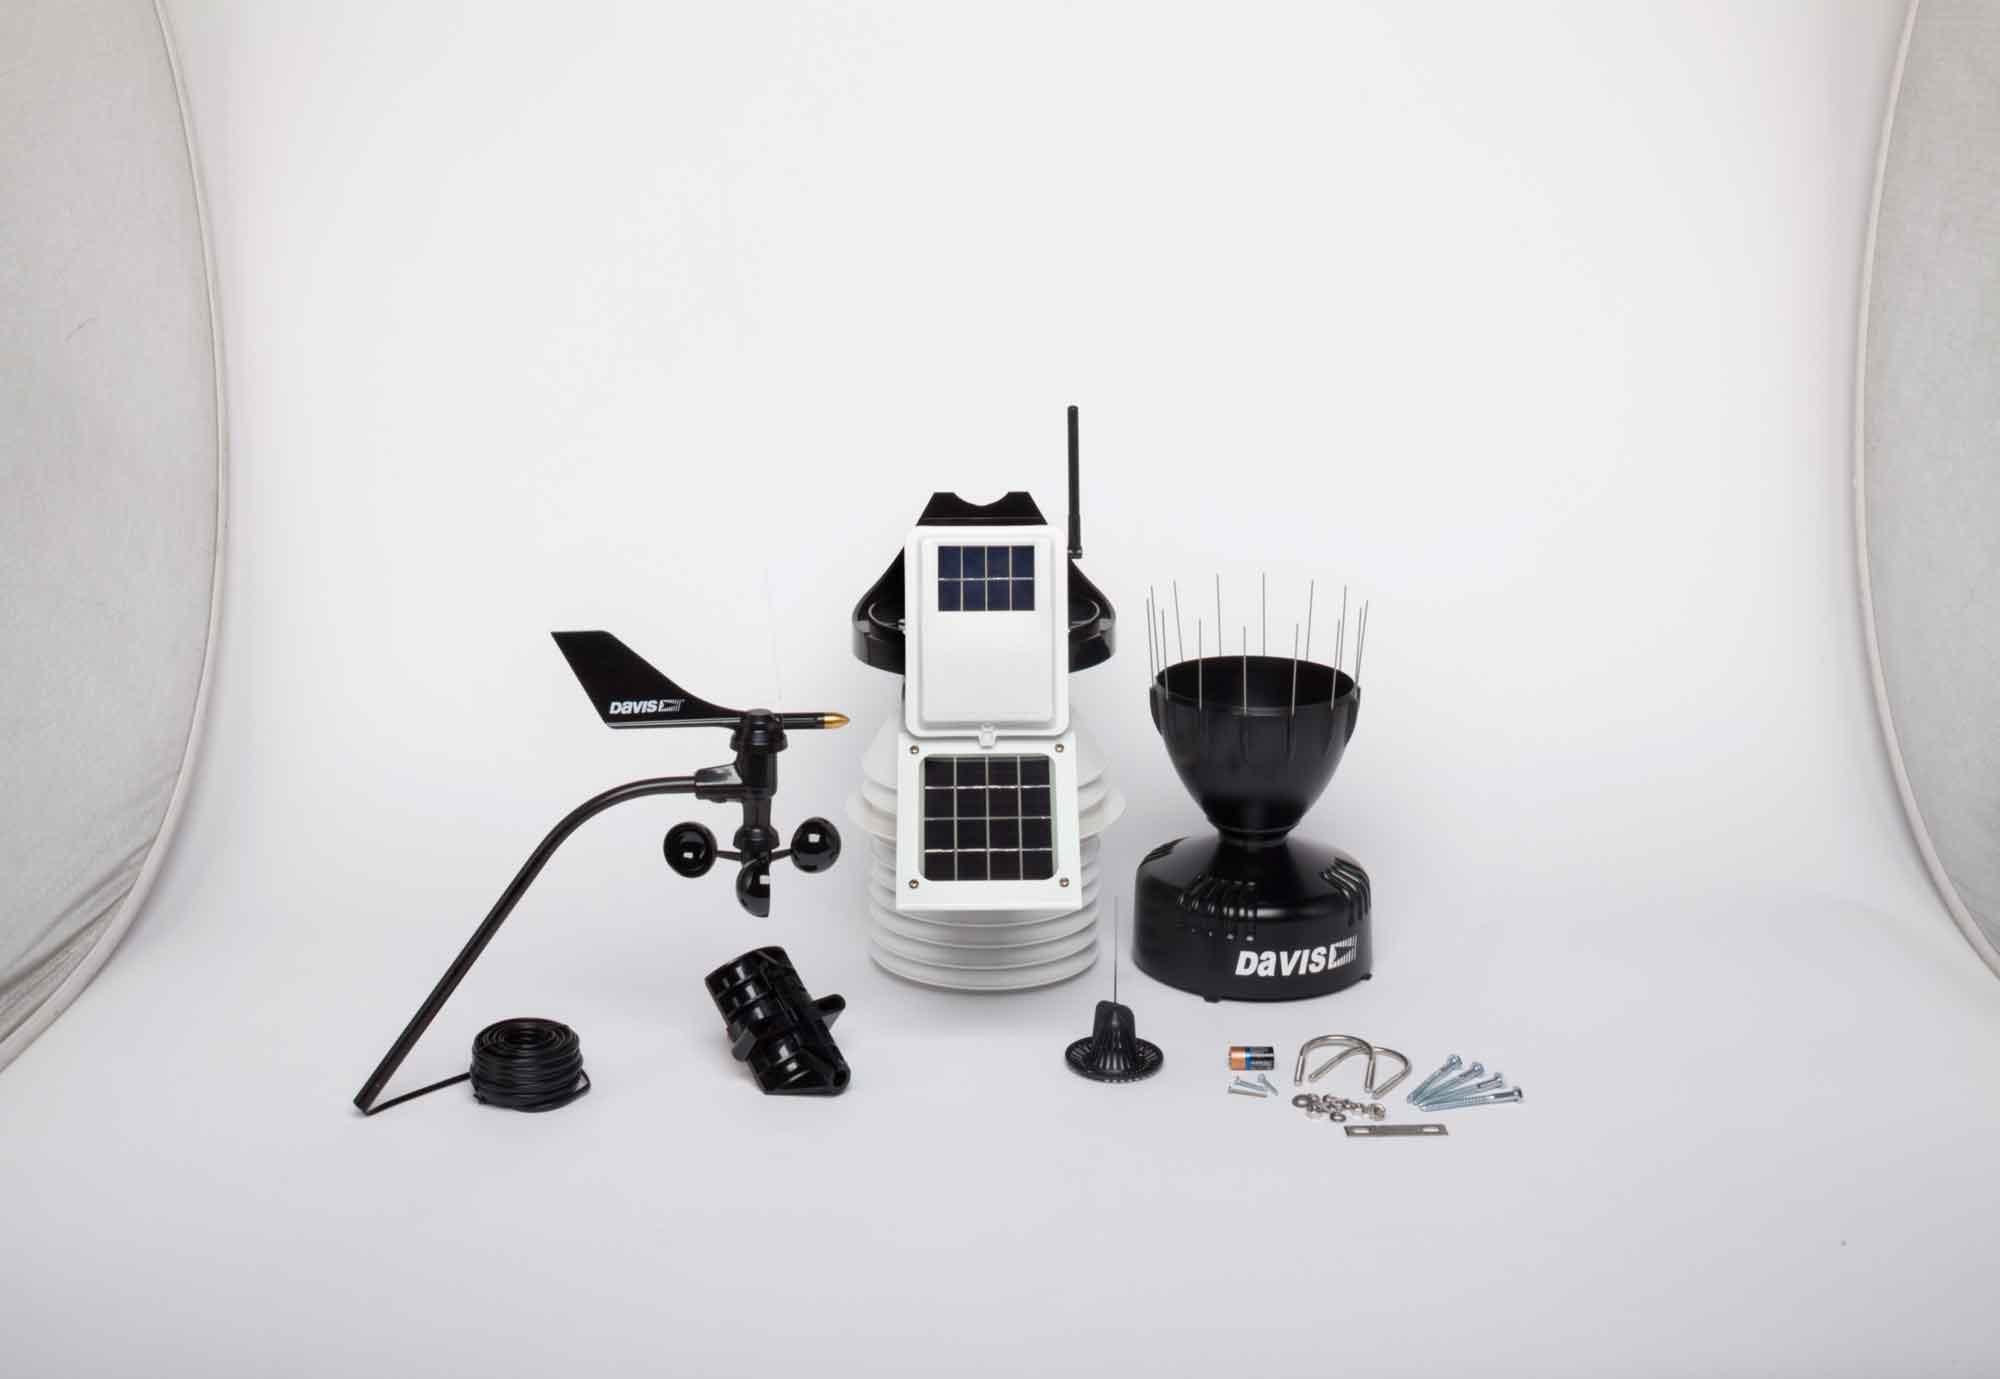 Davis 6323 VP2 met 24hr fan sensor set draadloos